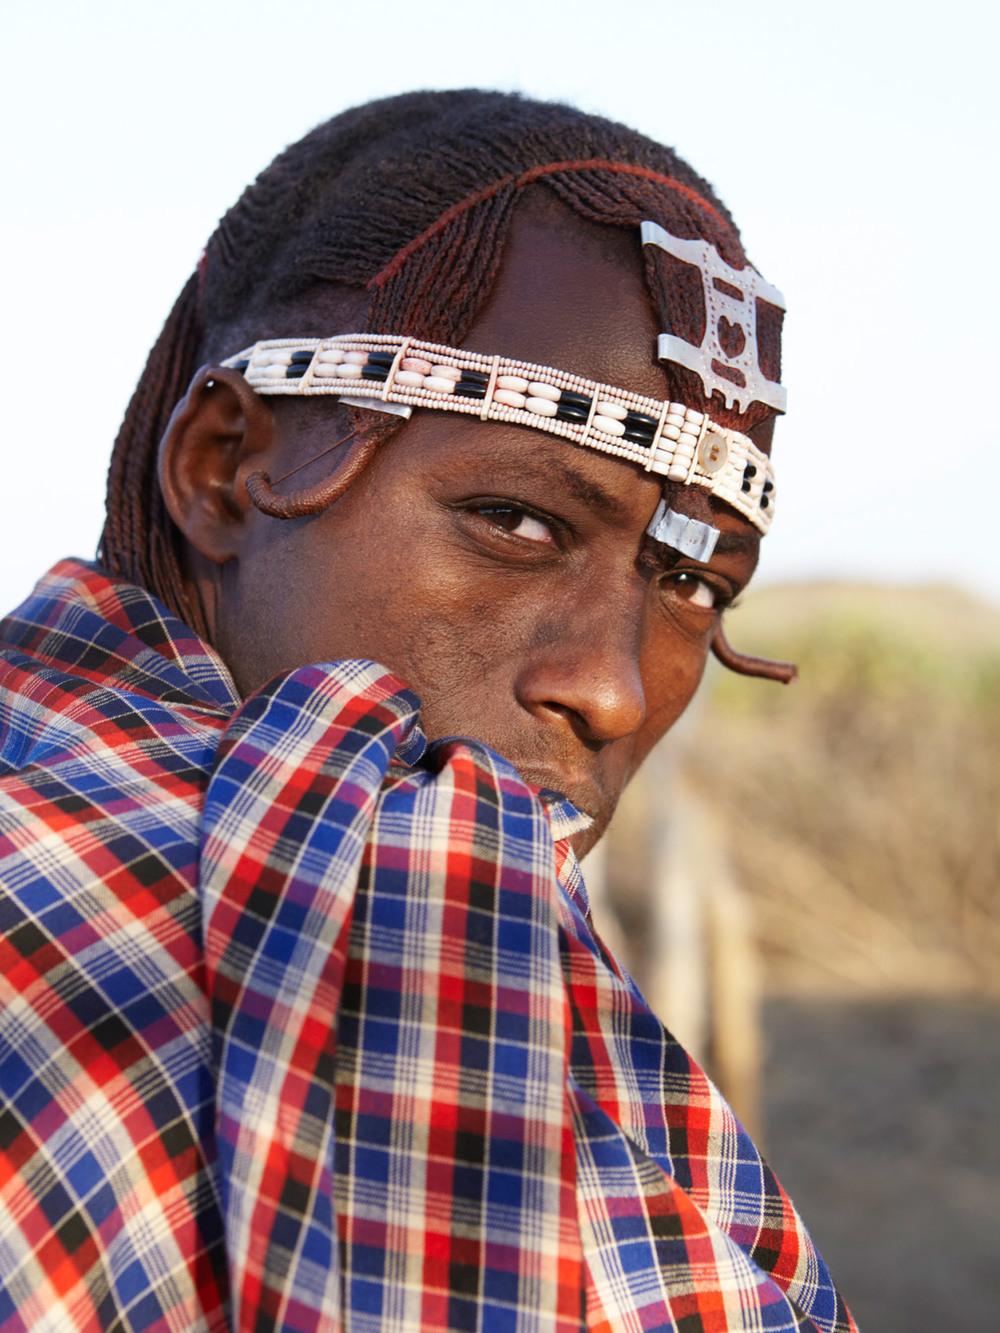 SARAH_STAIGER_Maasai_003.jpg